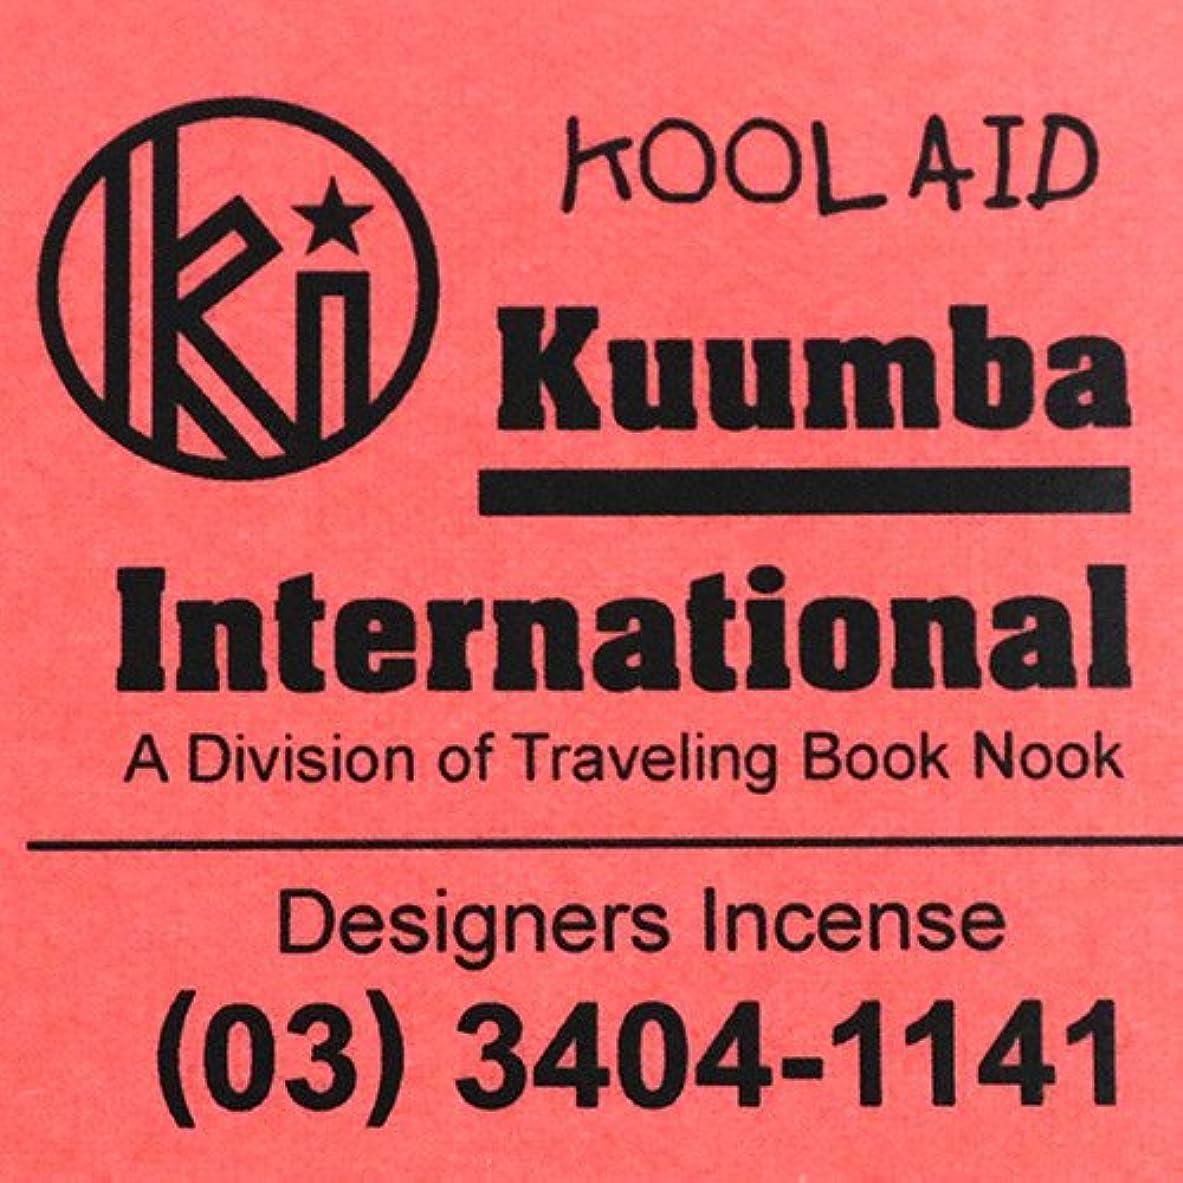 放映見出し農夫(クンバ) KUUMBA『incense』(KOOL AID) (Regular size)